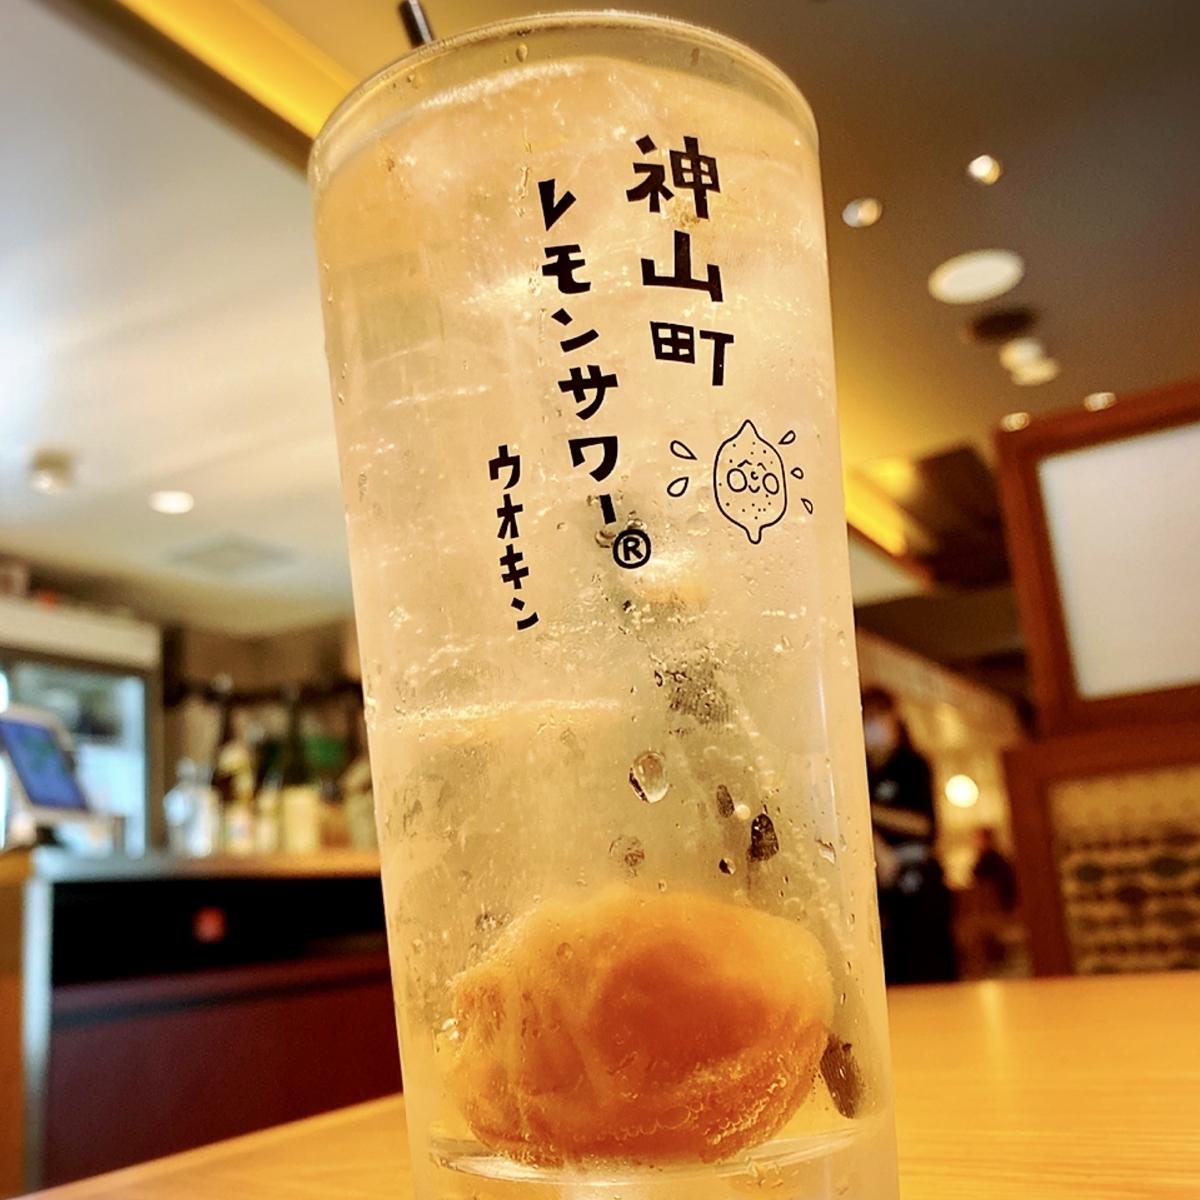 「マグロ食堂魚金」は一人飲みから小宴会などにおすすめの居酒屋でした